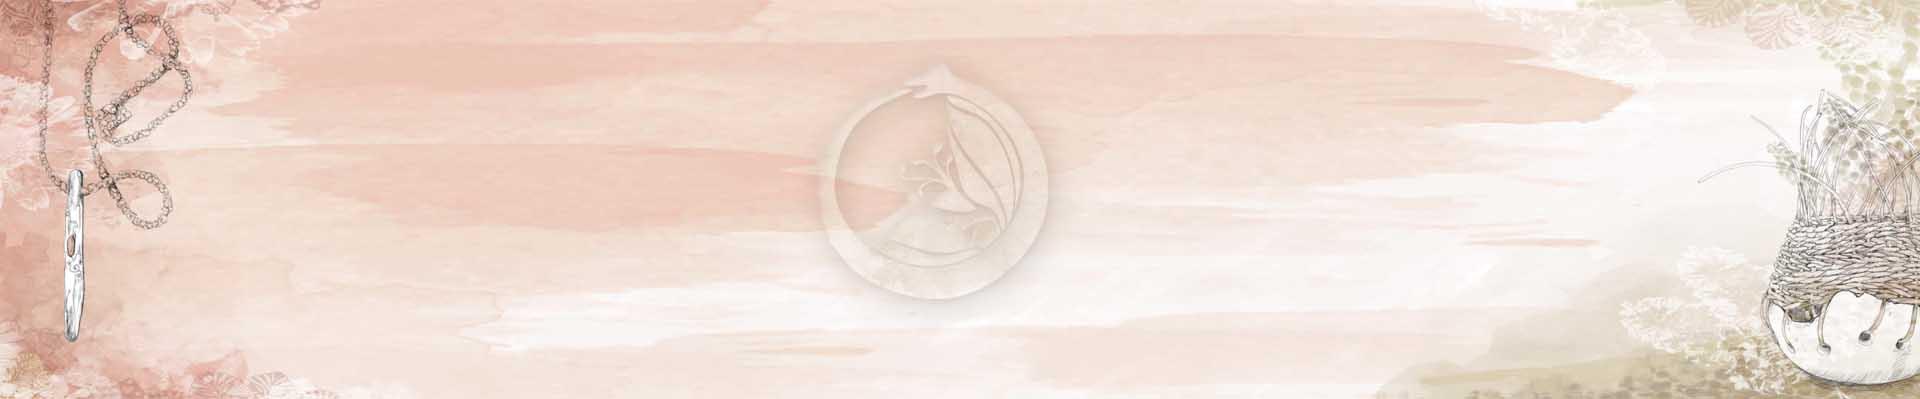 Amulety z Palo